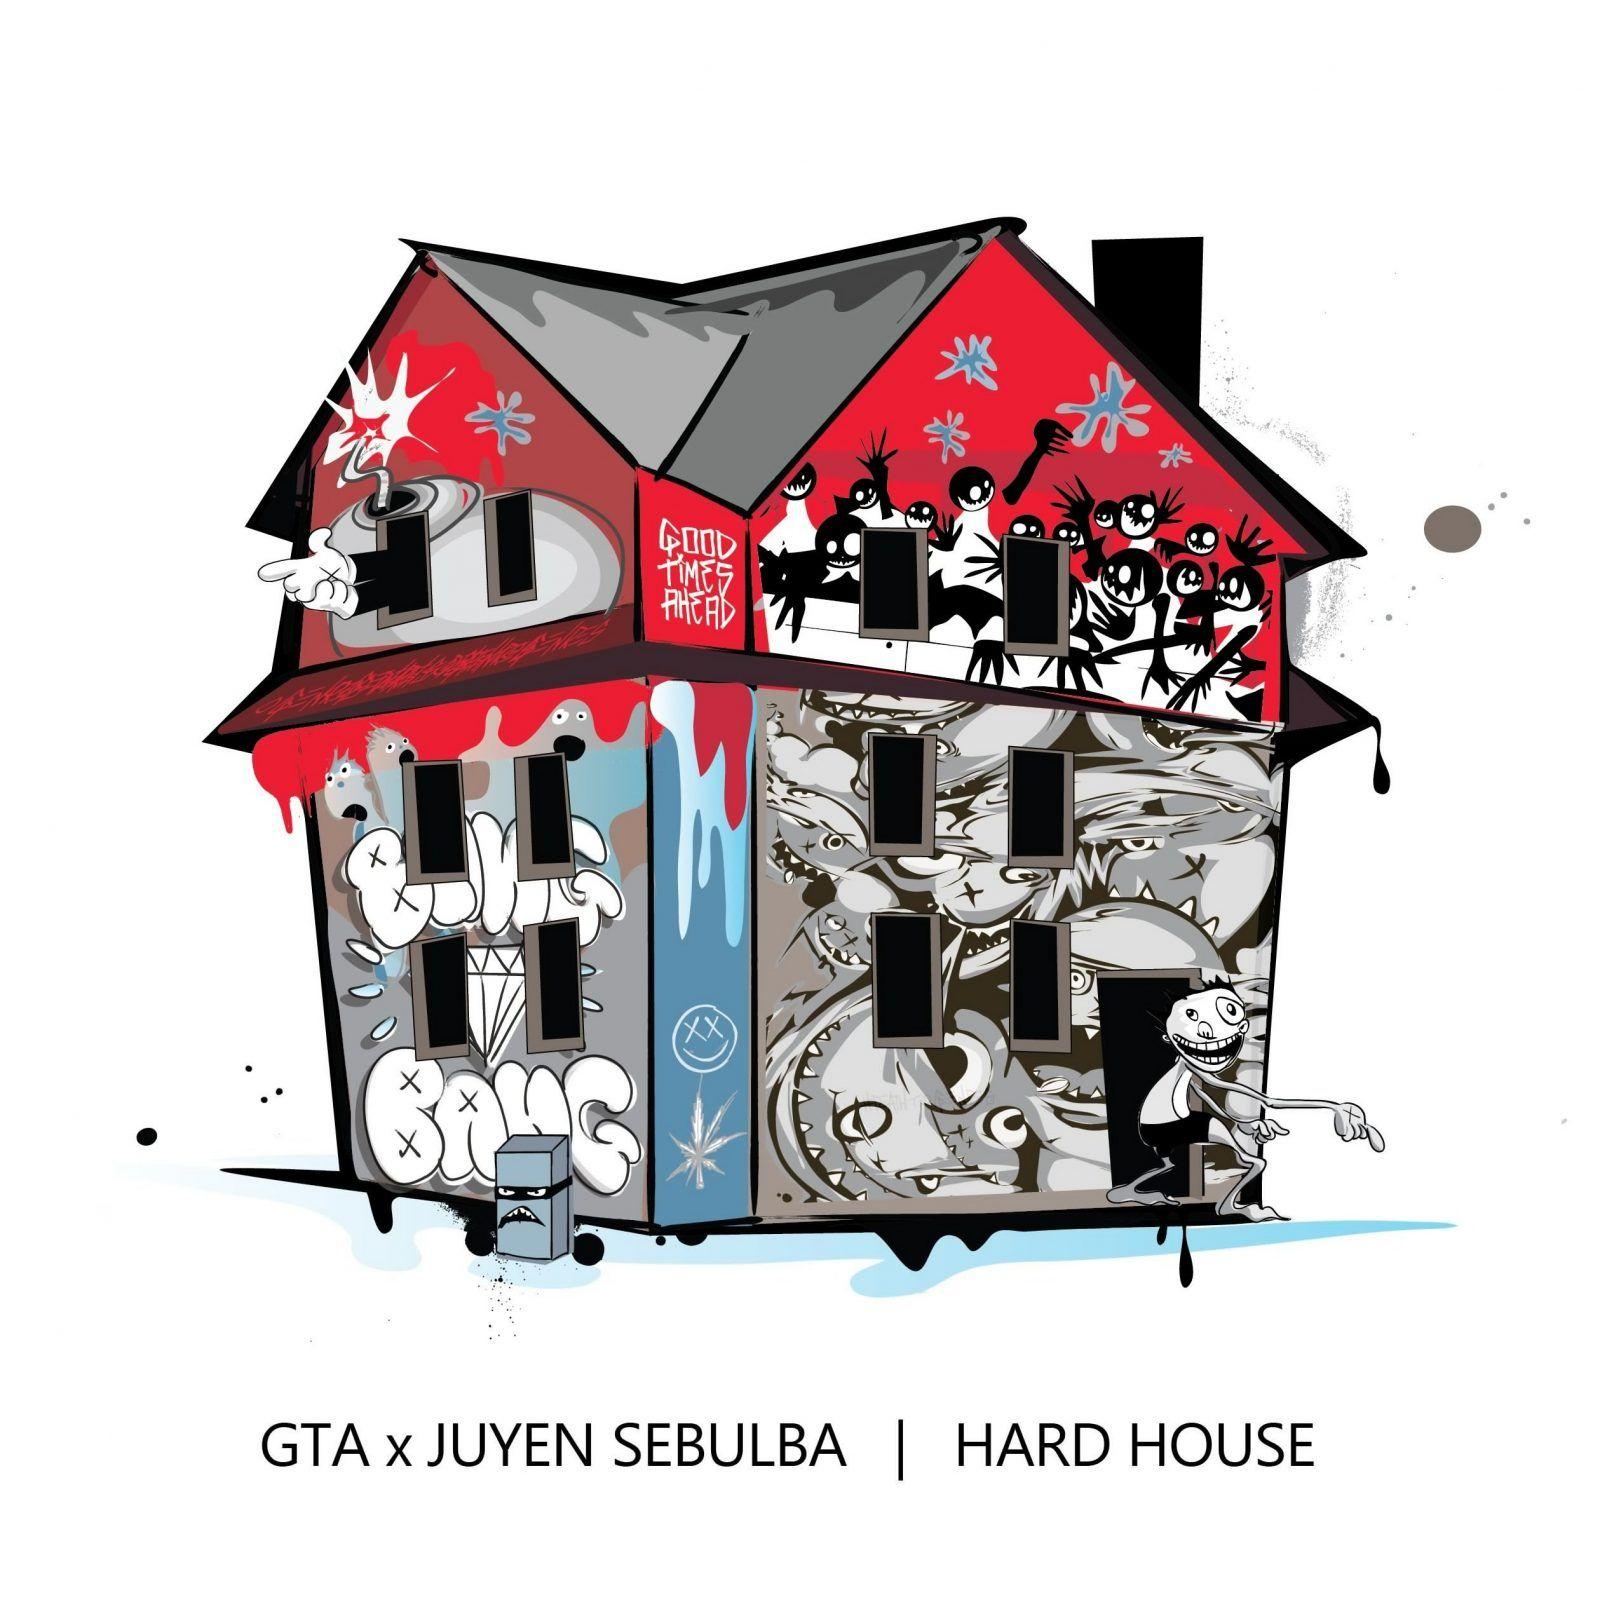 hardhouse.jpg